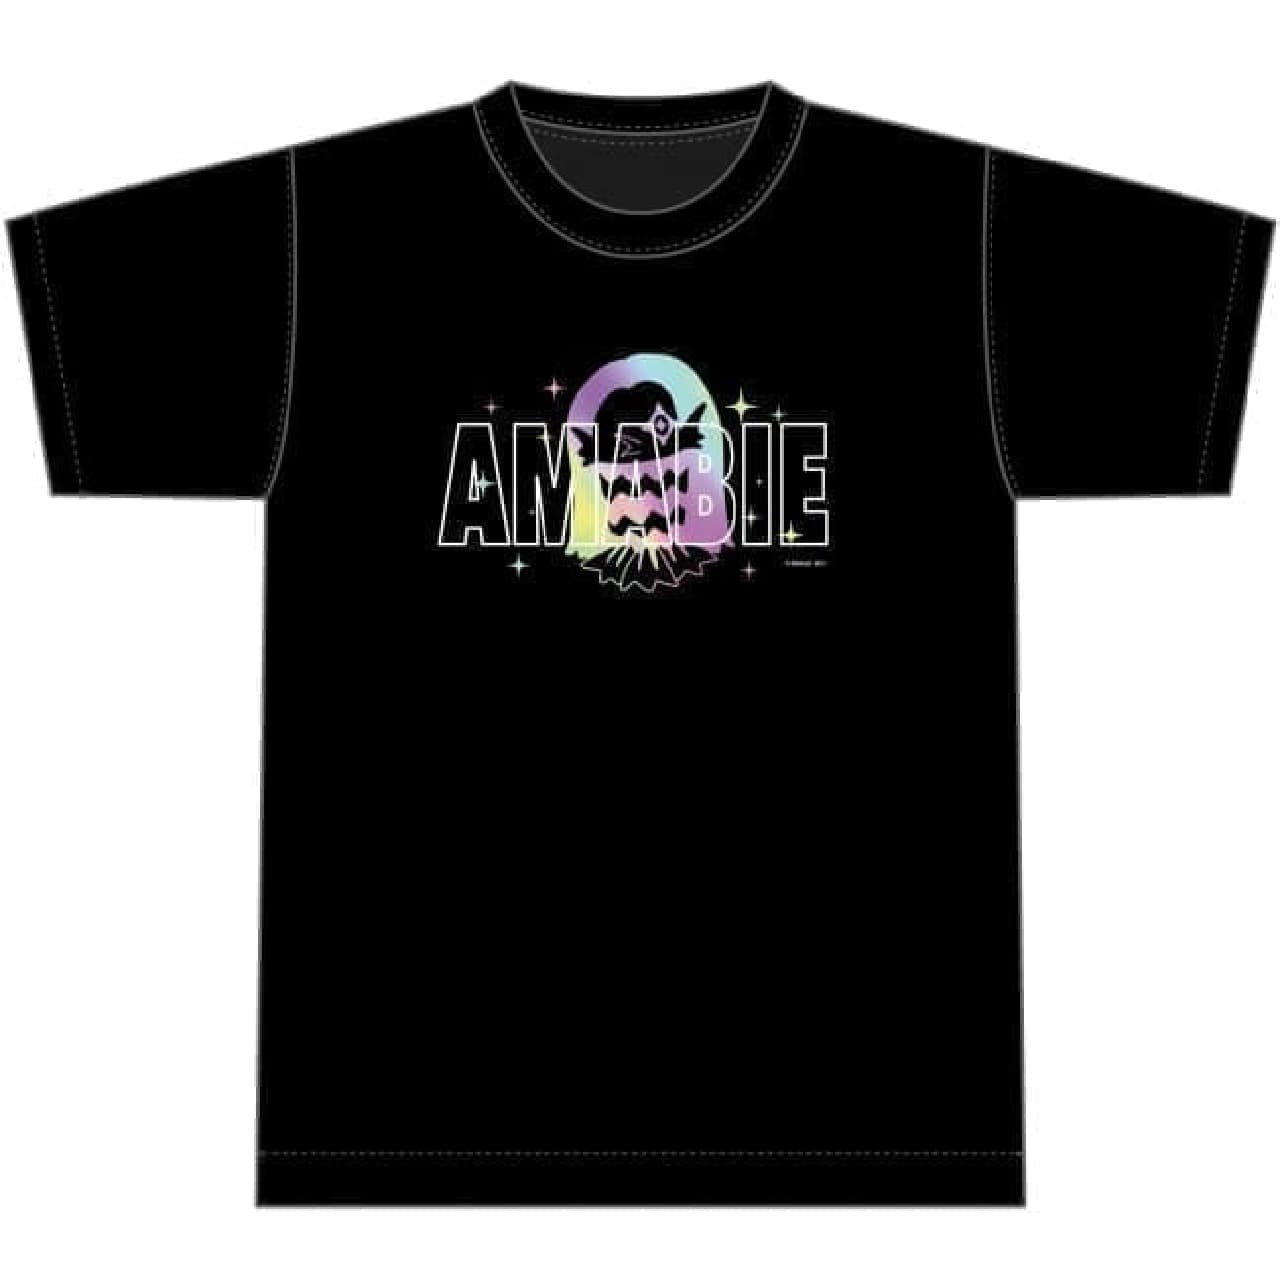 古川愛李さんがデザインする、オリジナルTシャツとマスクがヴィレッジヴァンガードオンラインストアに